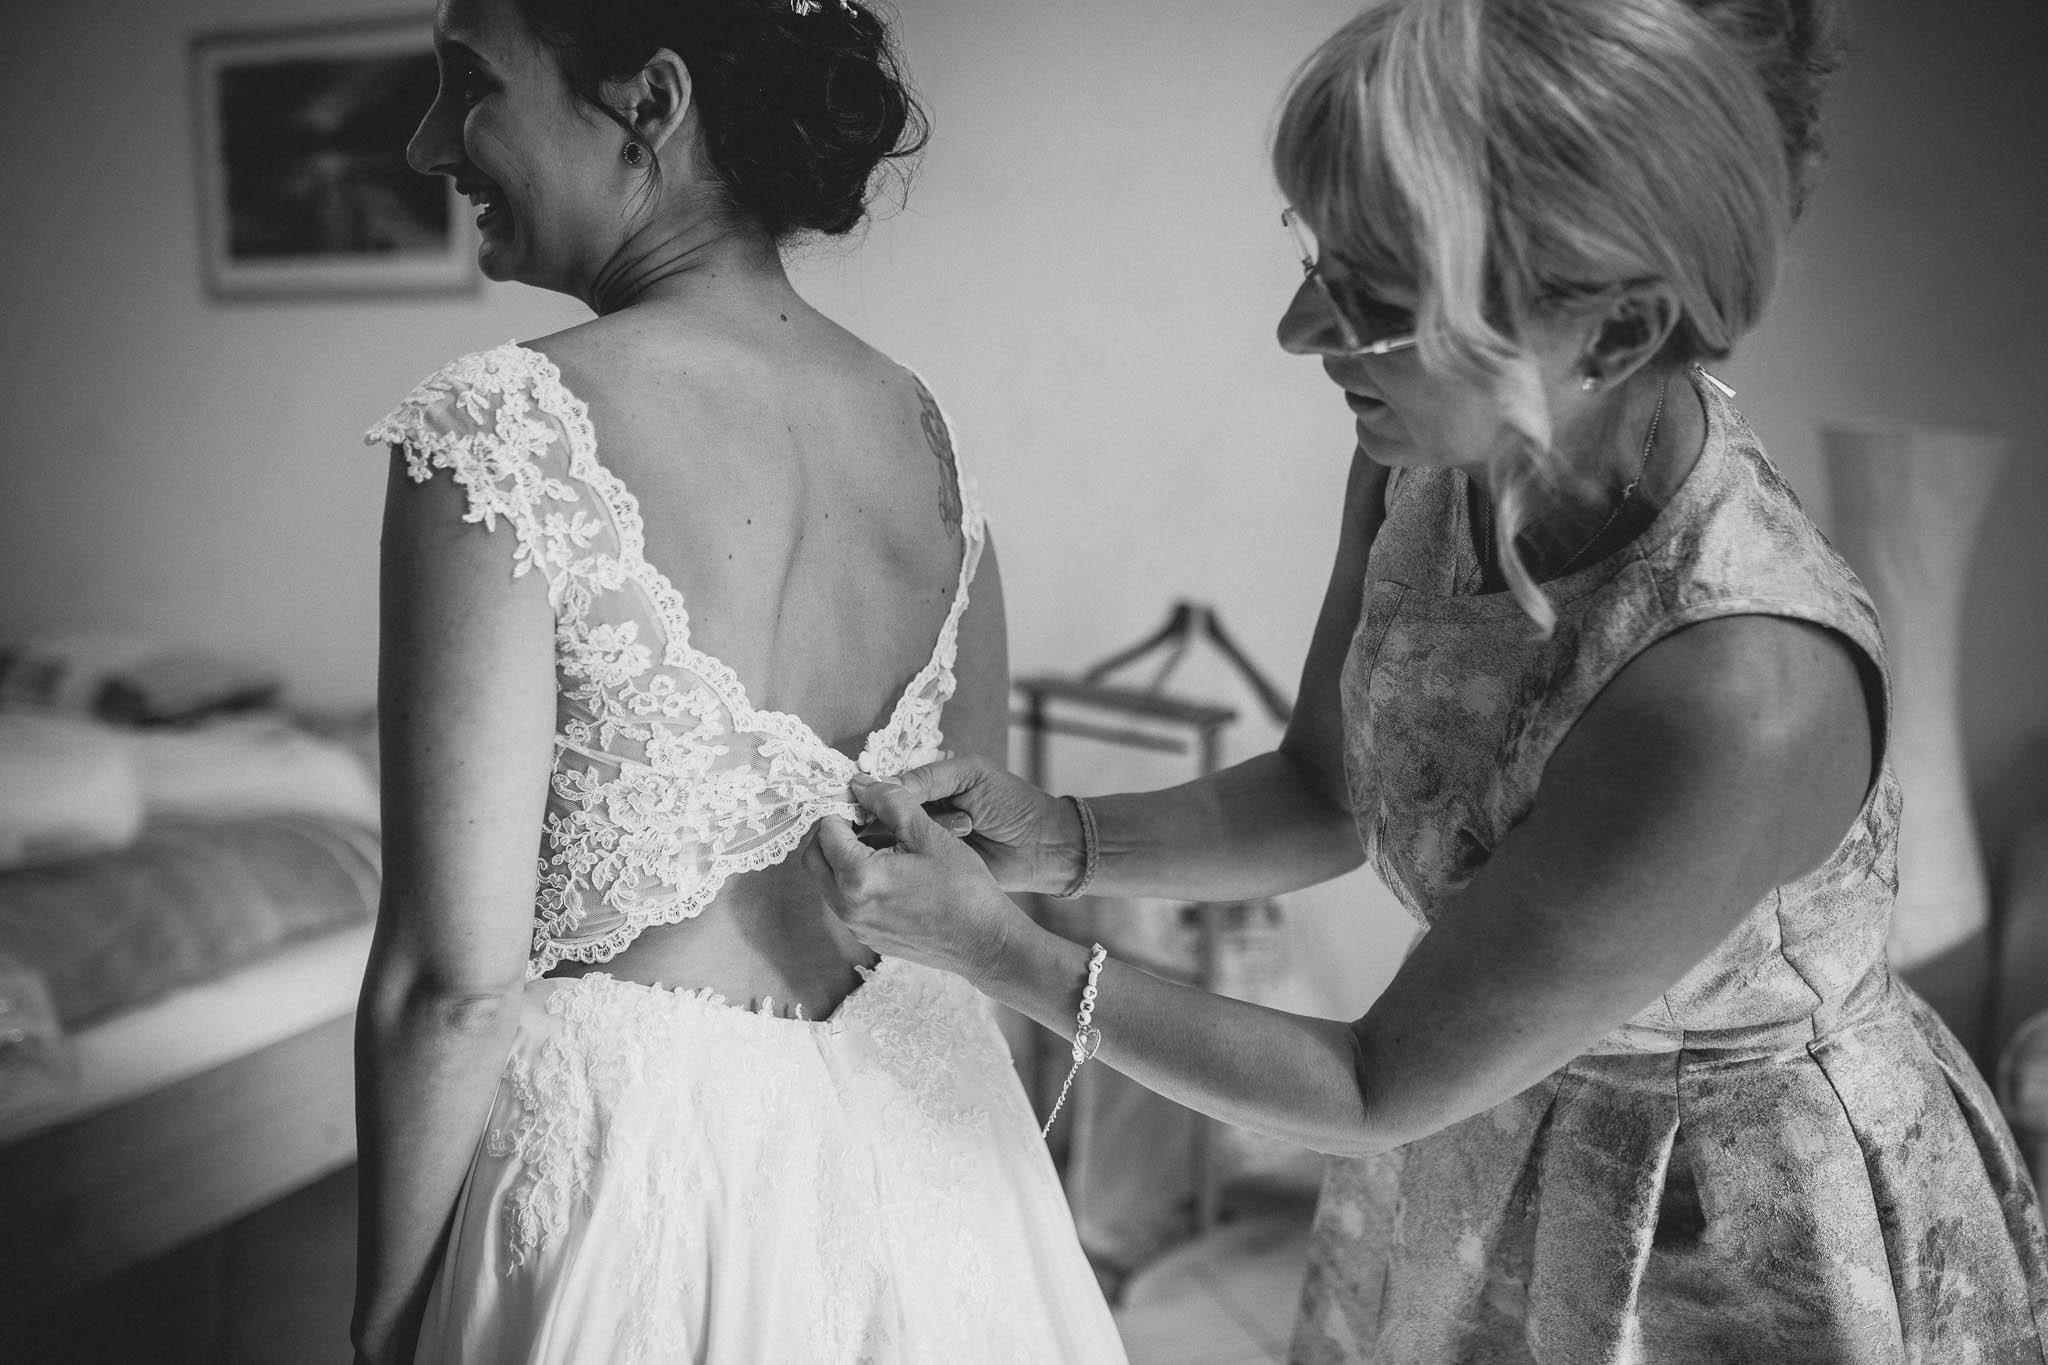 Hochzeitsfotograf Monzernheim: freie Trauung von Sarah & Patrick 10